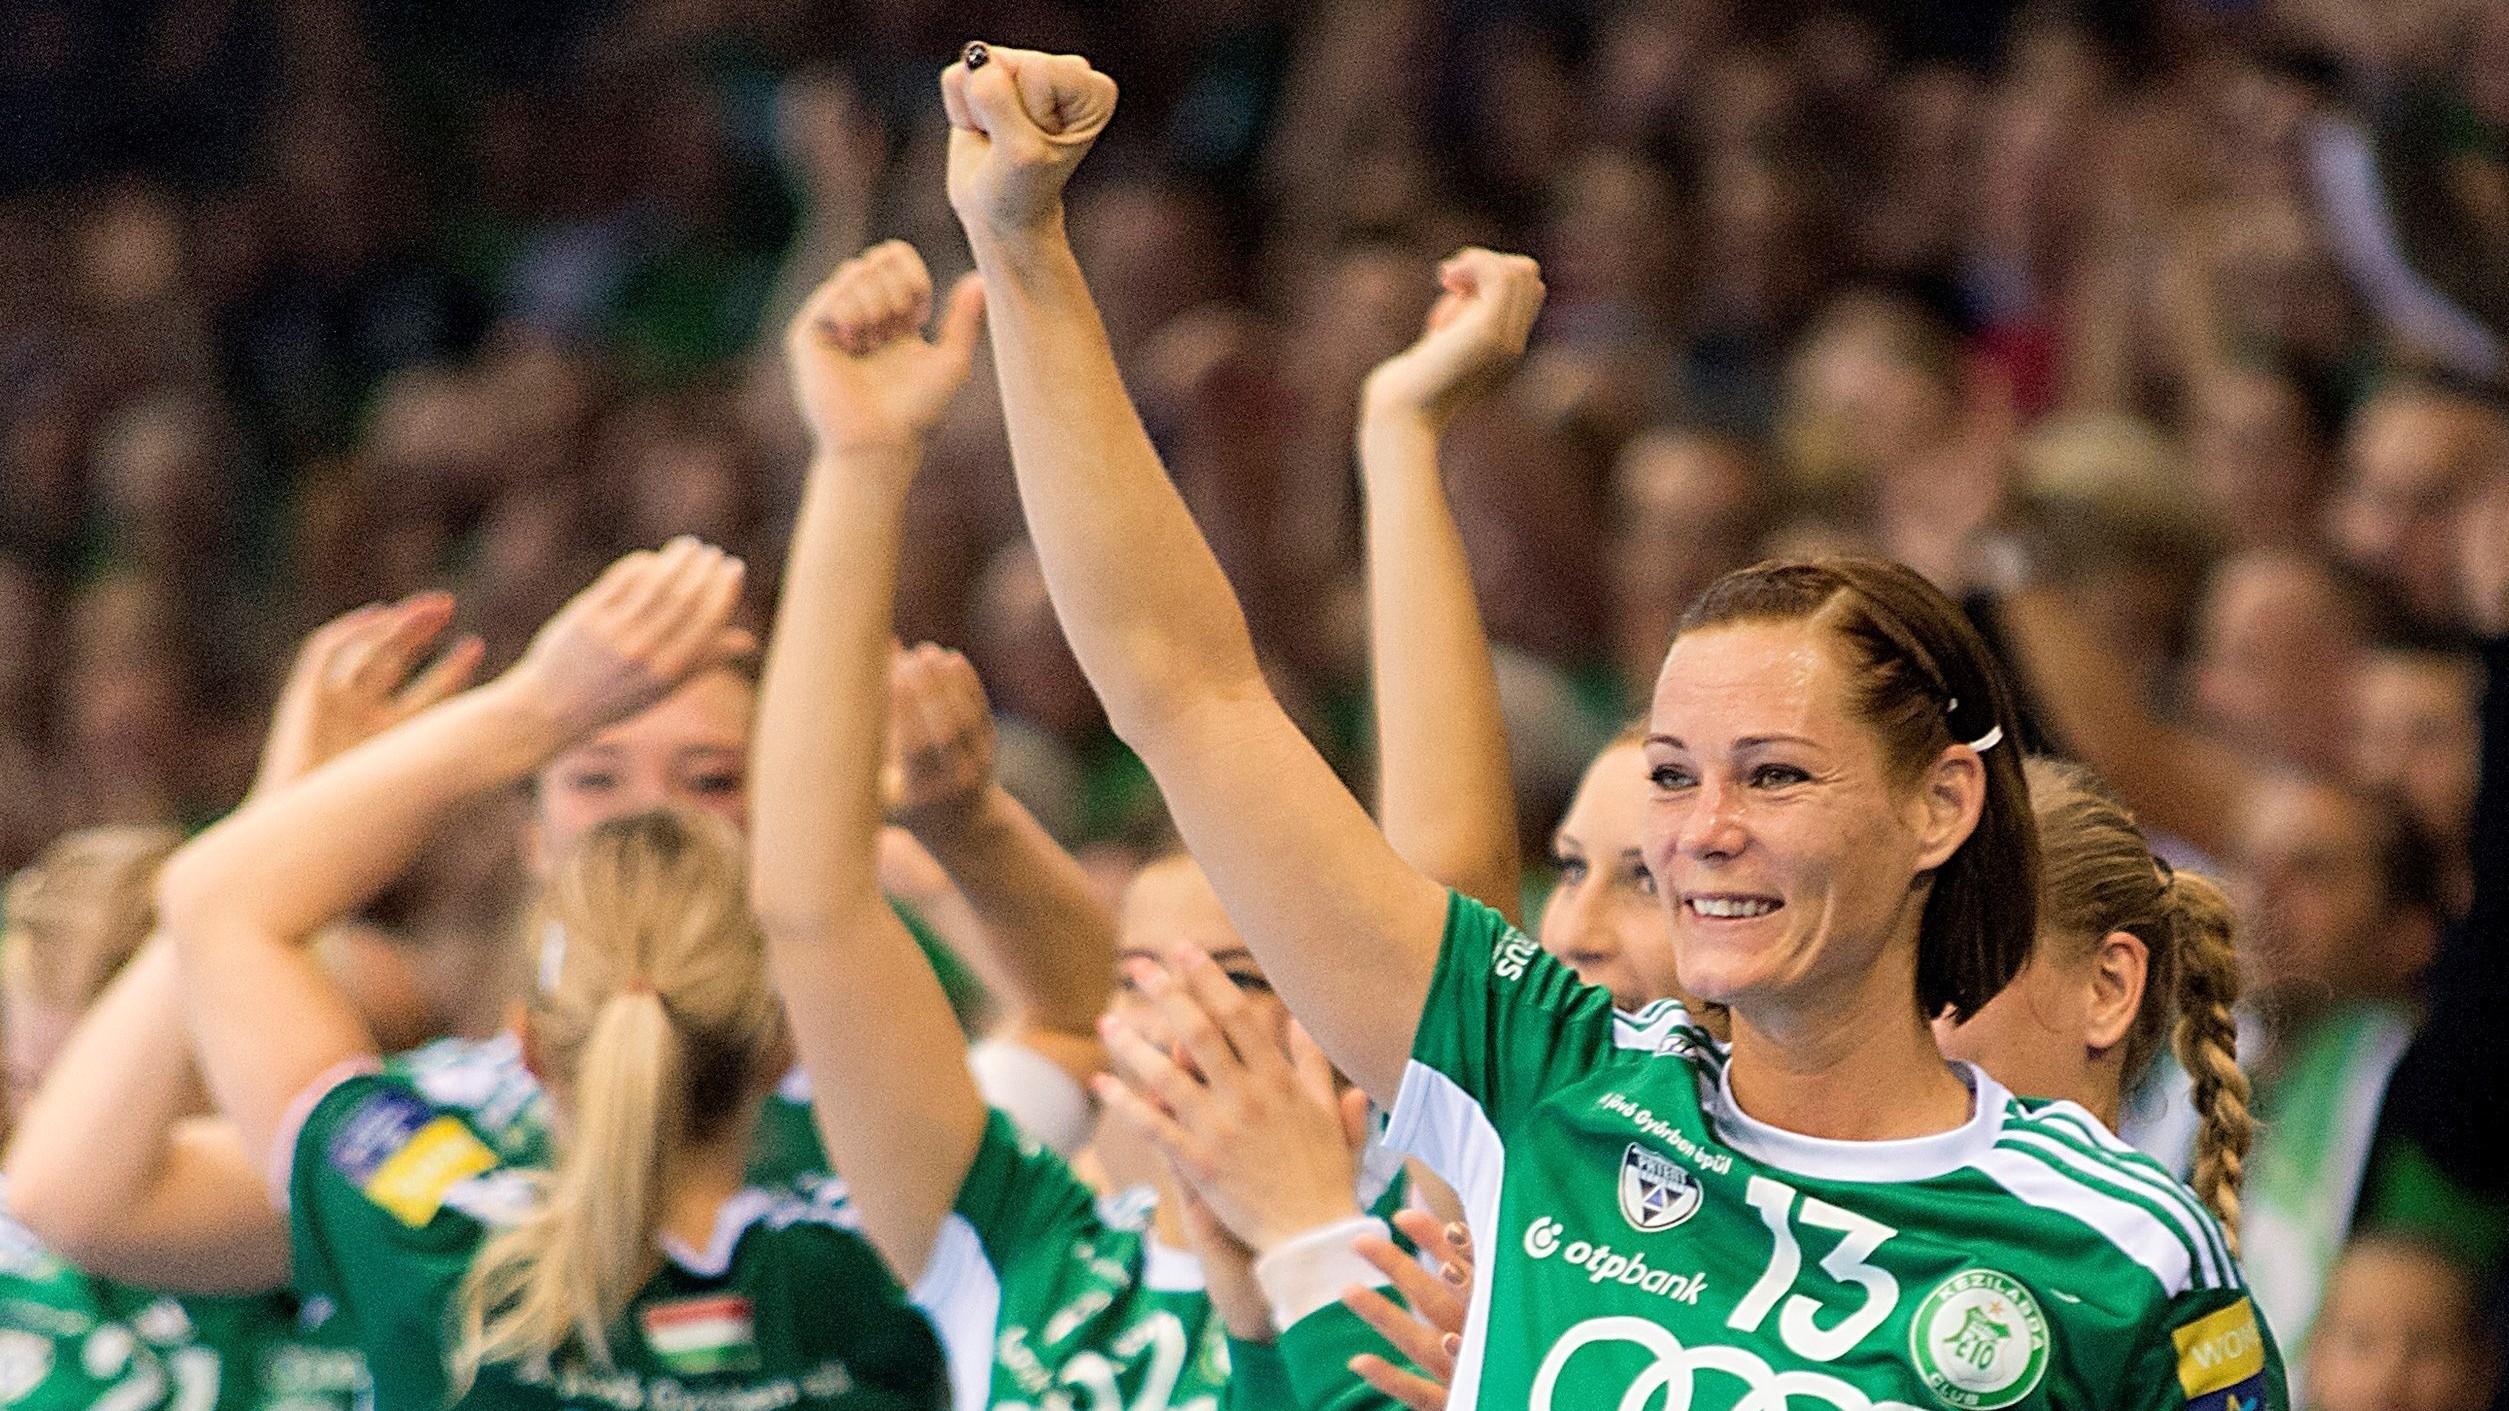 Női kézilabda BL - Tizenhat góllal győzött a Győr